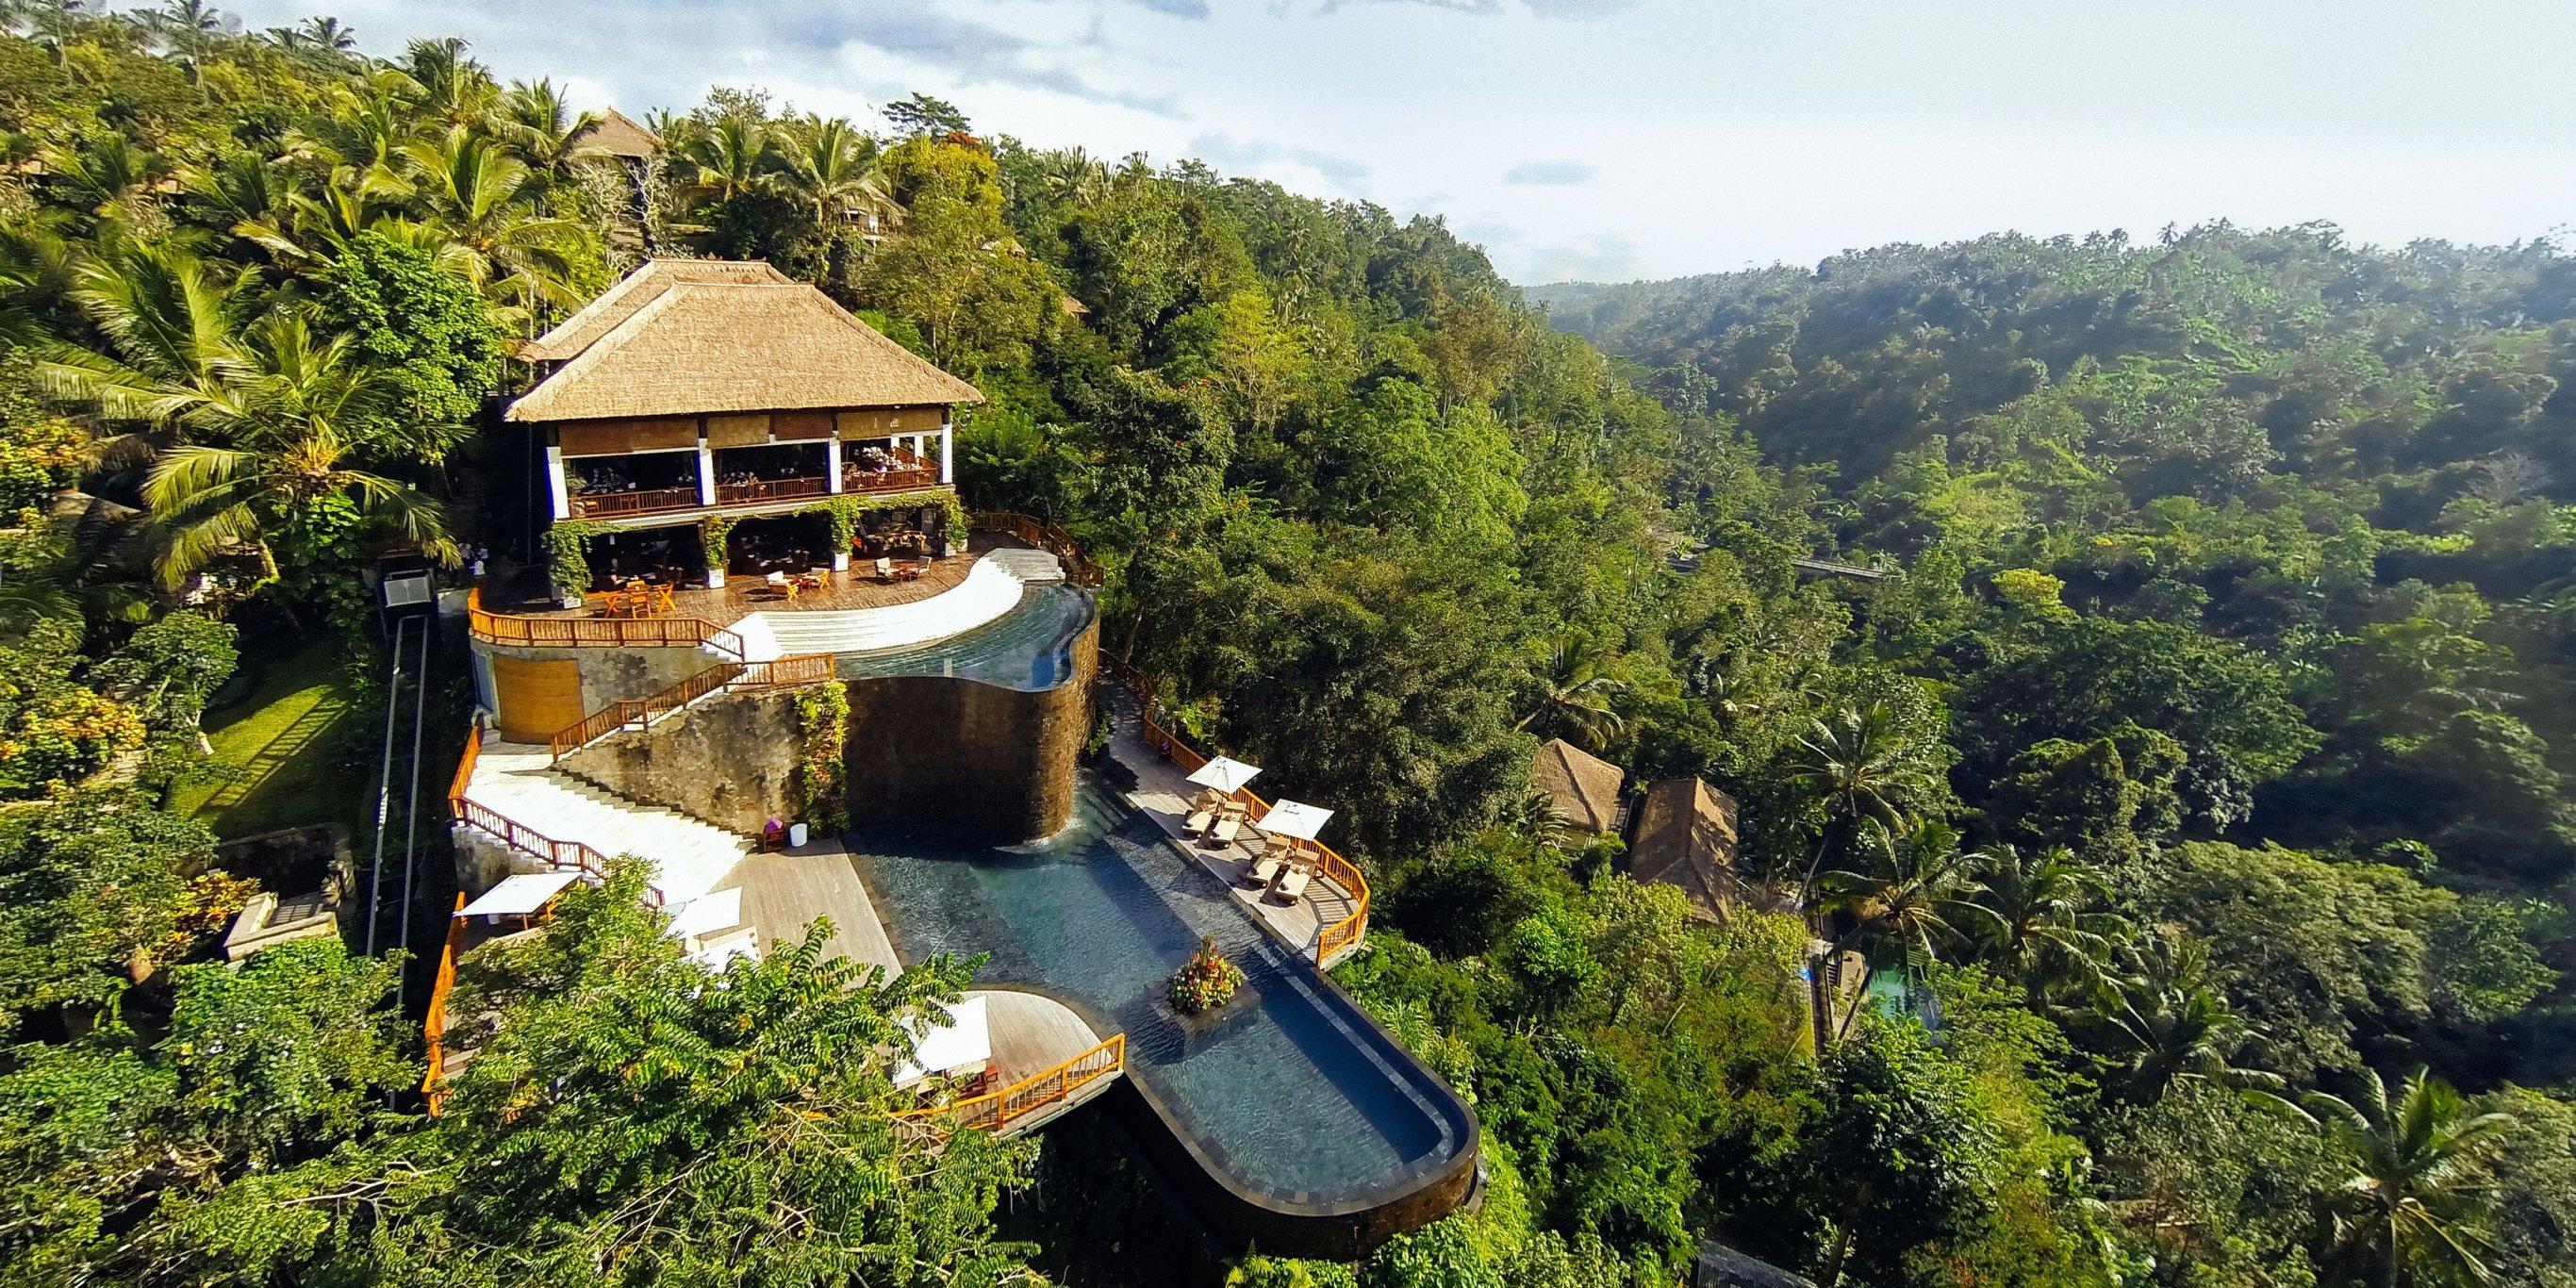 Luksuzni resort usred džungle na Baliju ima najljepši pogled na svijetu